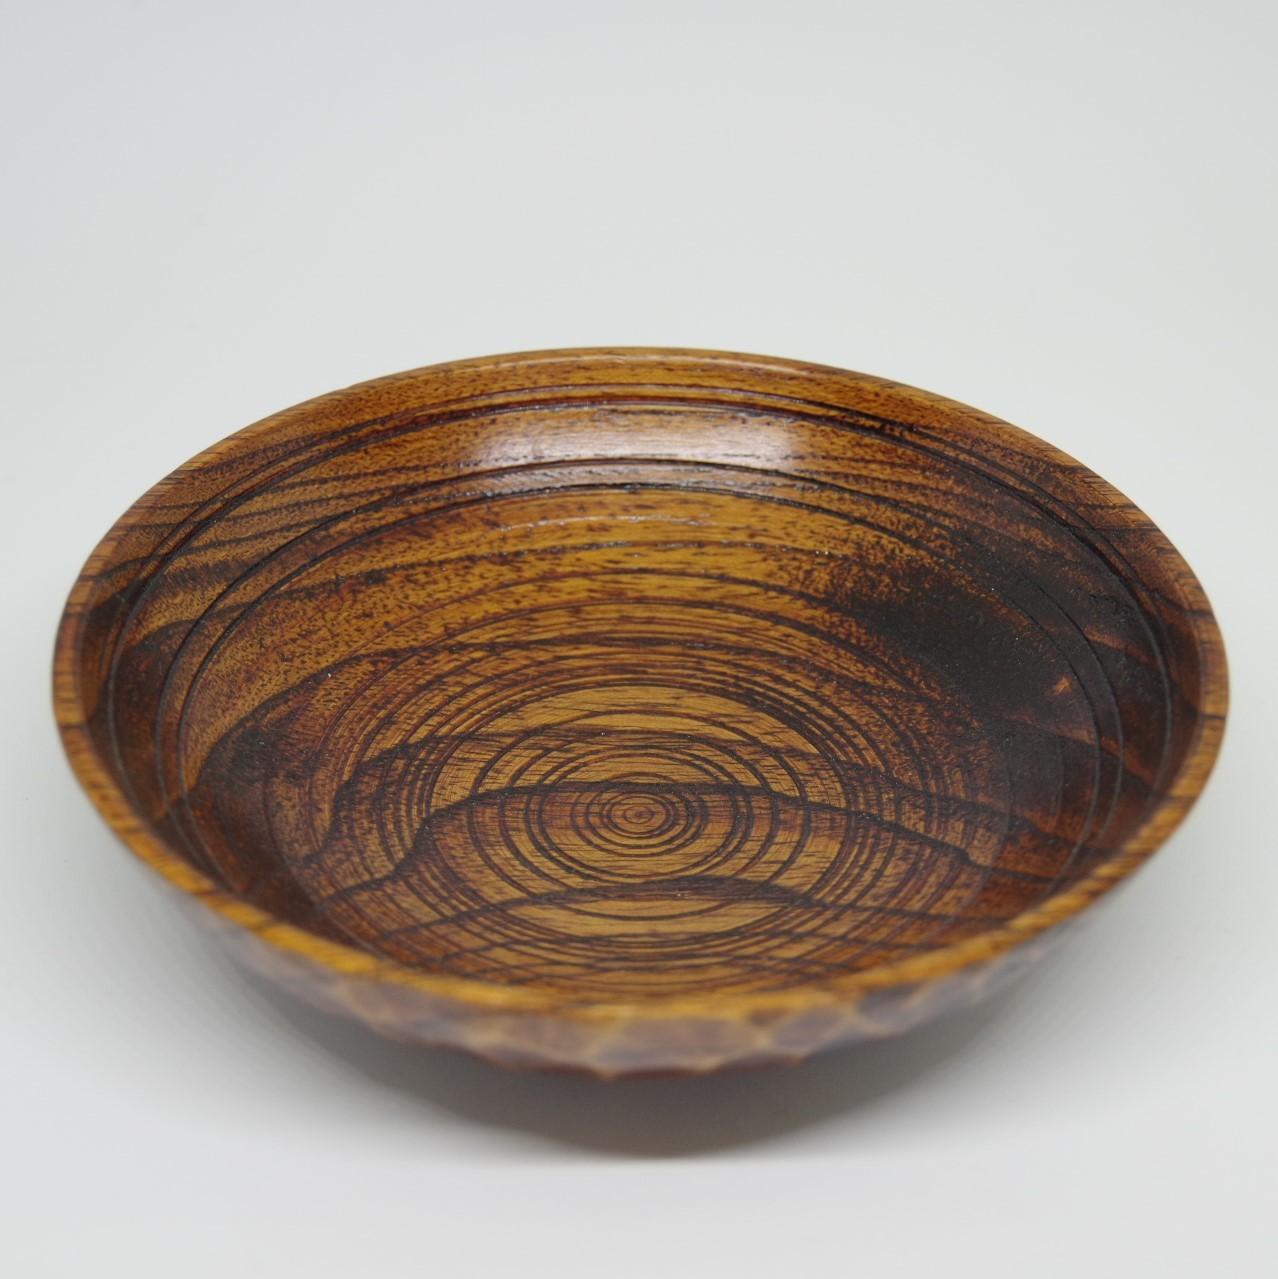 沖縄の木工【あさと木漆工房】網掛け皿 5寸